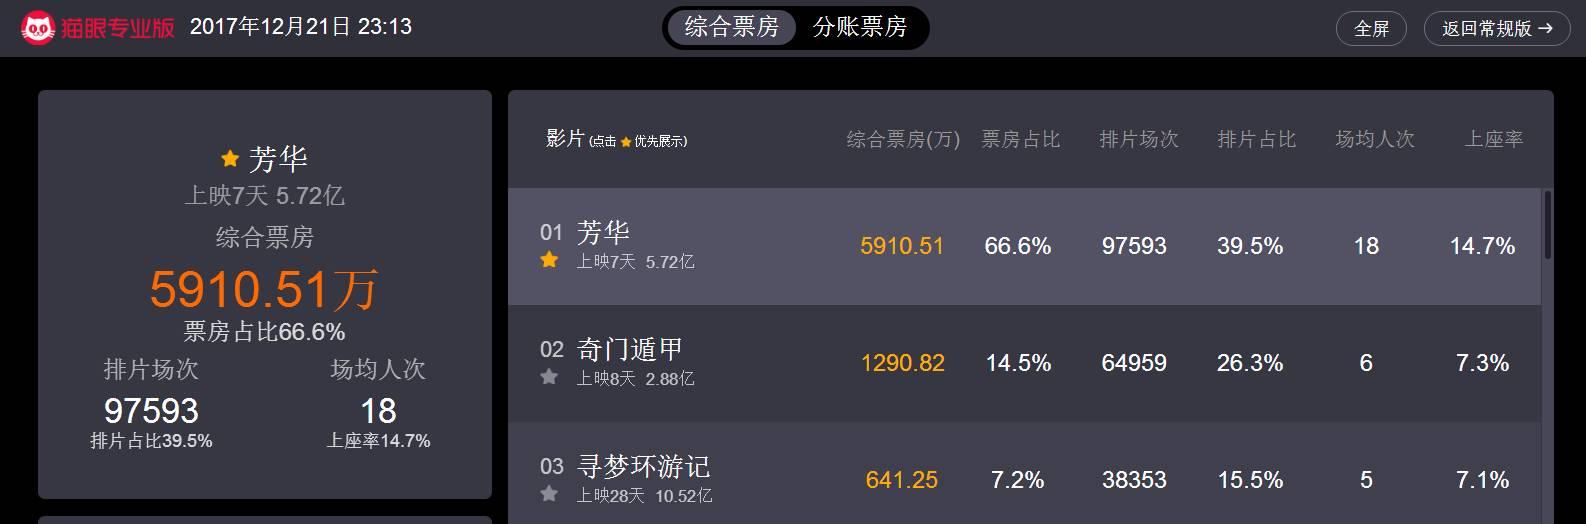 《芳华》上映7天票房近6亿 华谊兄弟股价却现5连阴